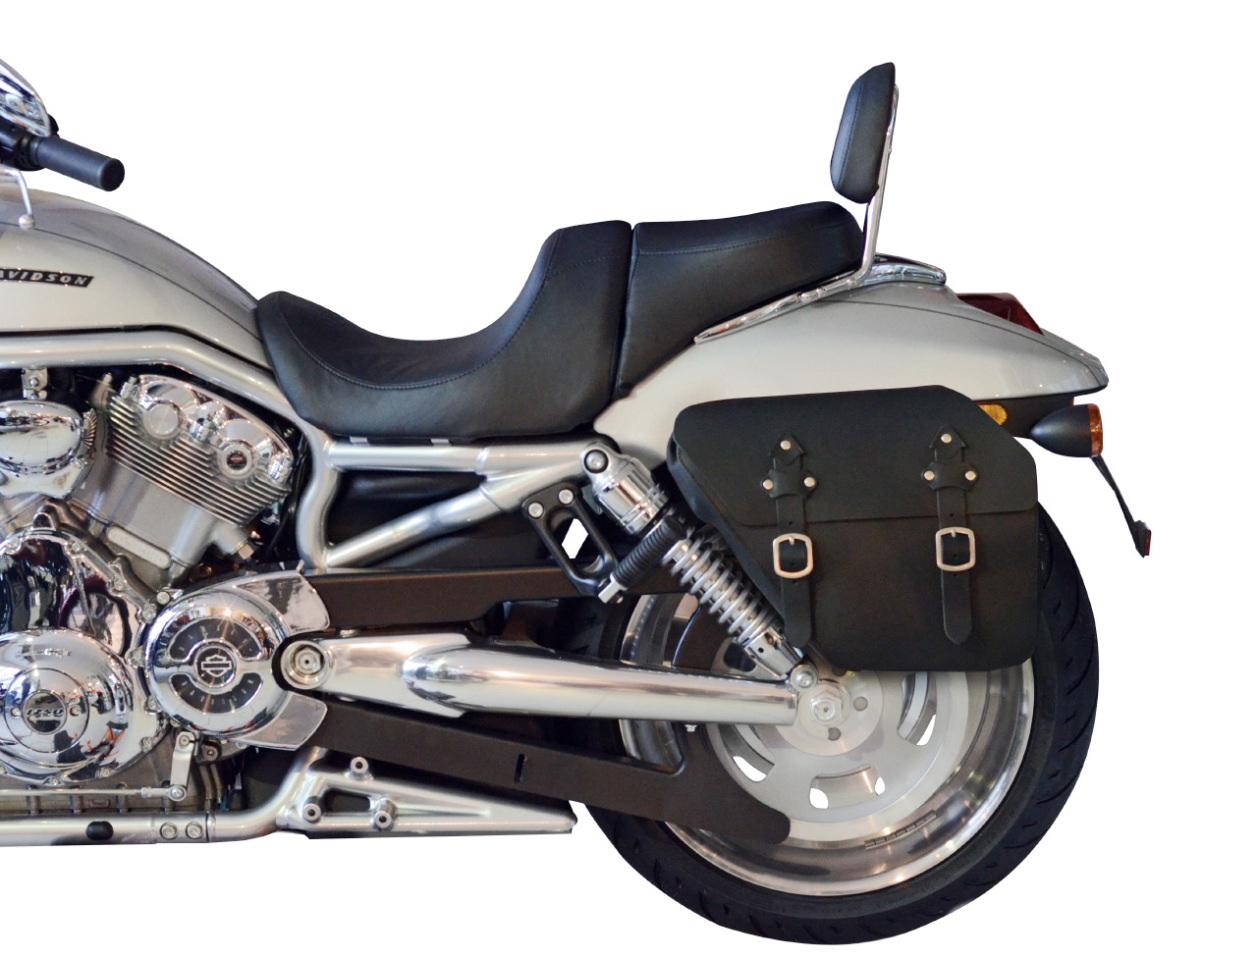 saddlebag 13 liter harley davidson v rod black leather. Black Bedroom Furniture Sets. Home Design Ideas